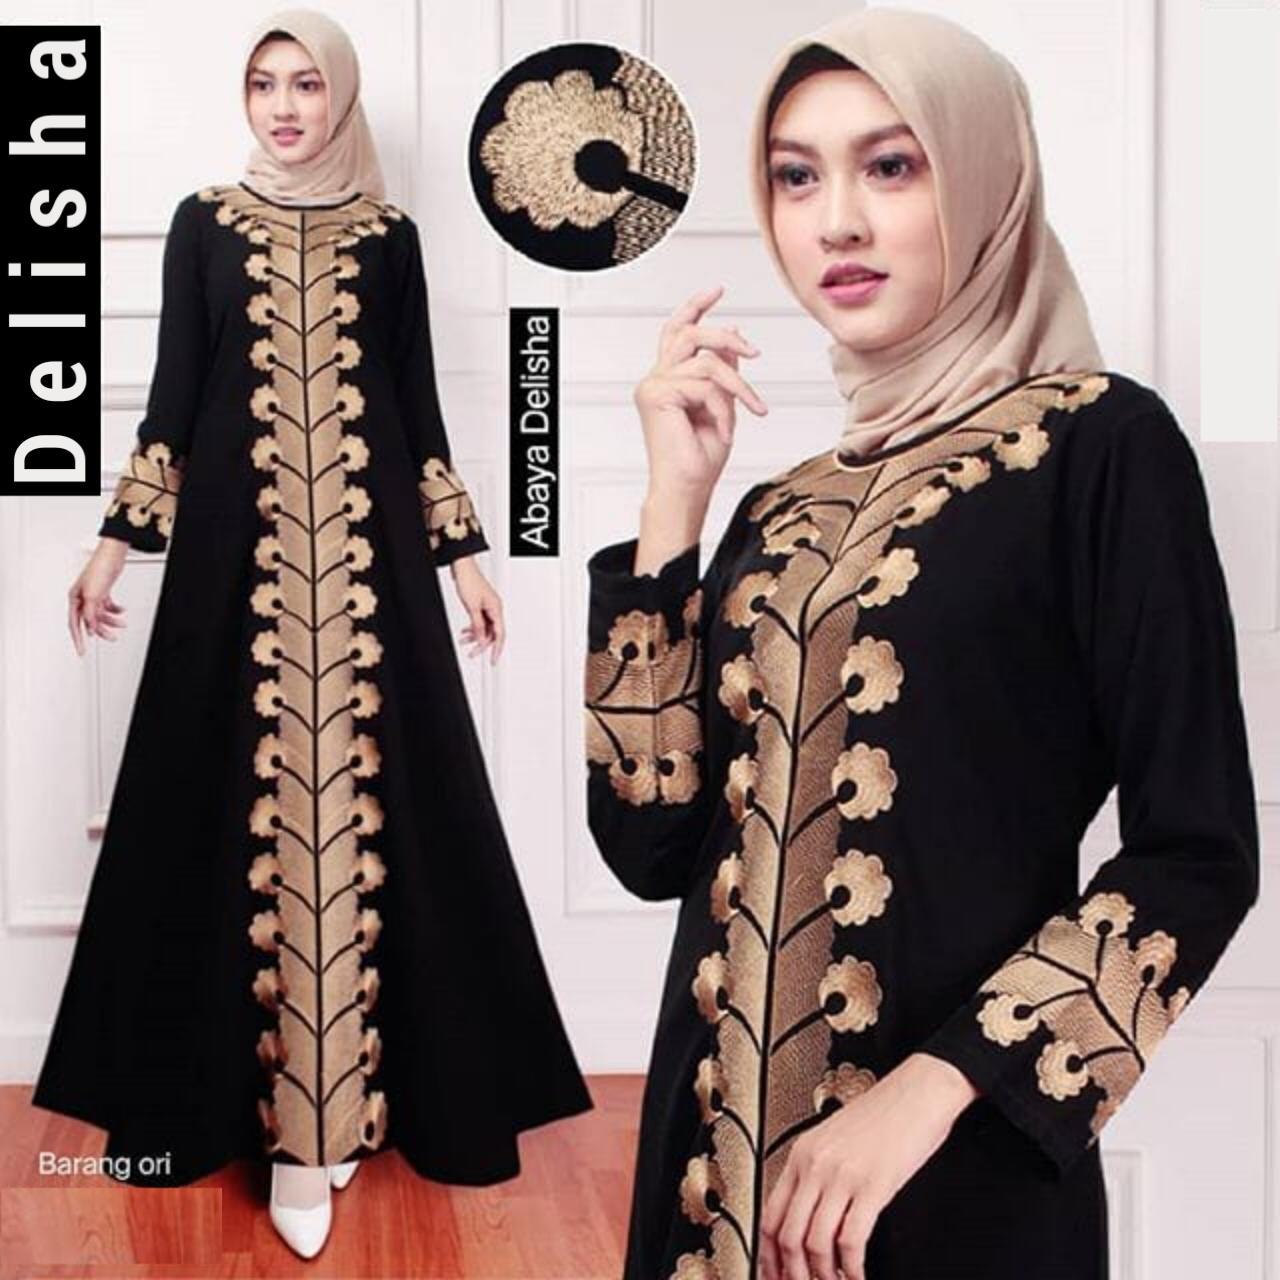 Baju Gamis Abaya Arab Turki Dubai Wanita Muslim Terbaru 2020